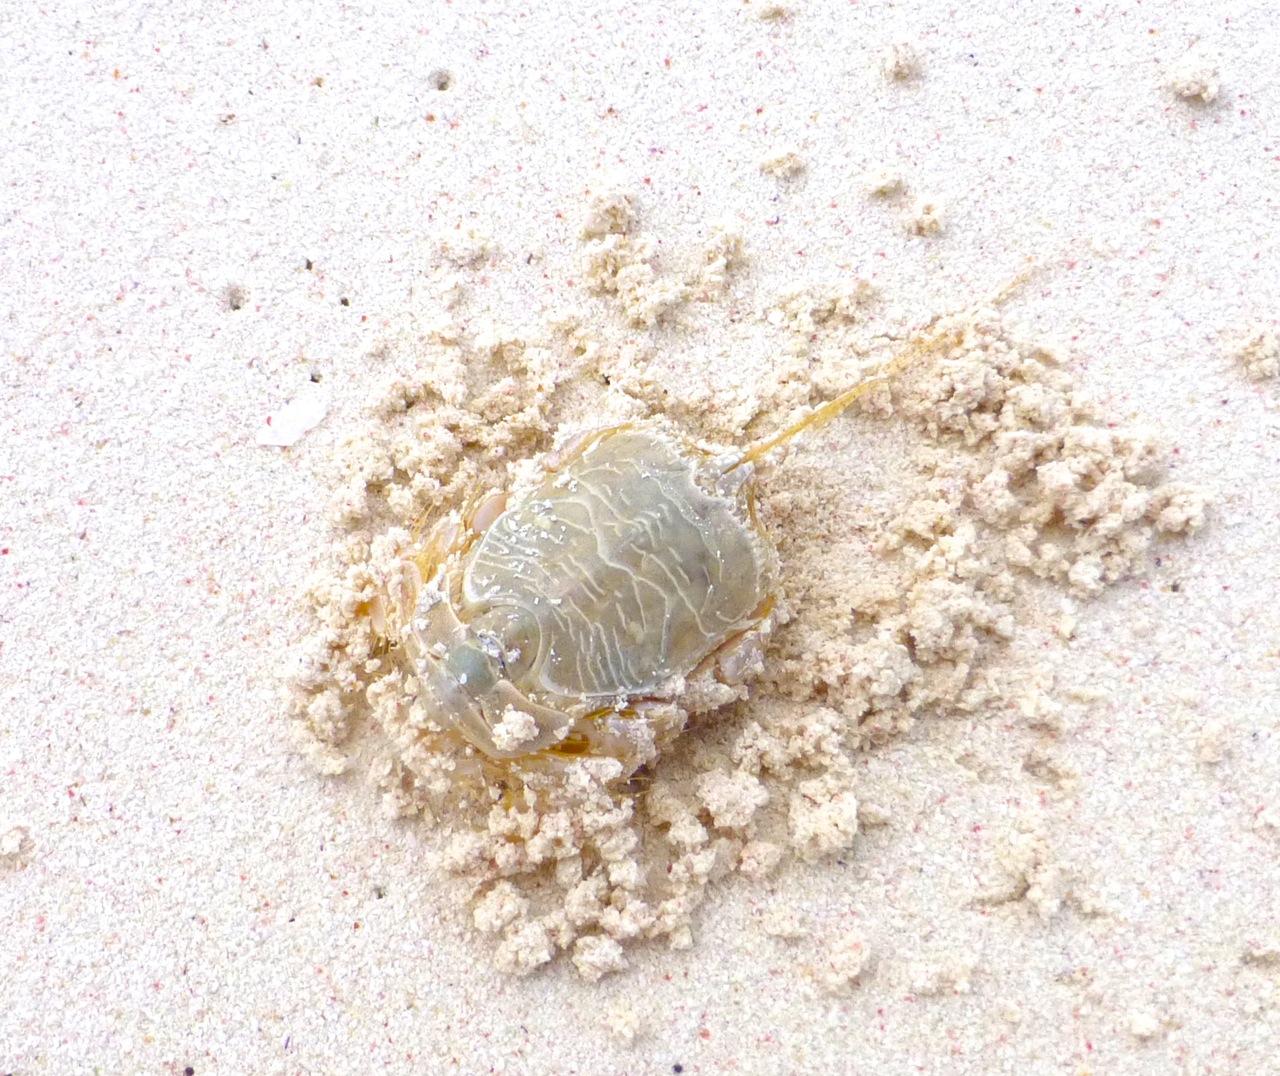 Horseshoe Crab (Limulus), Delphi Beach, Abaco Bahamas (Keith Salvesen)